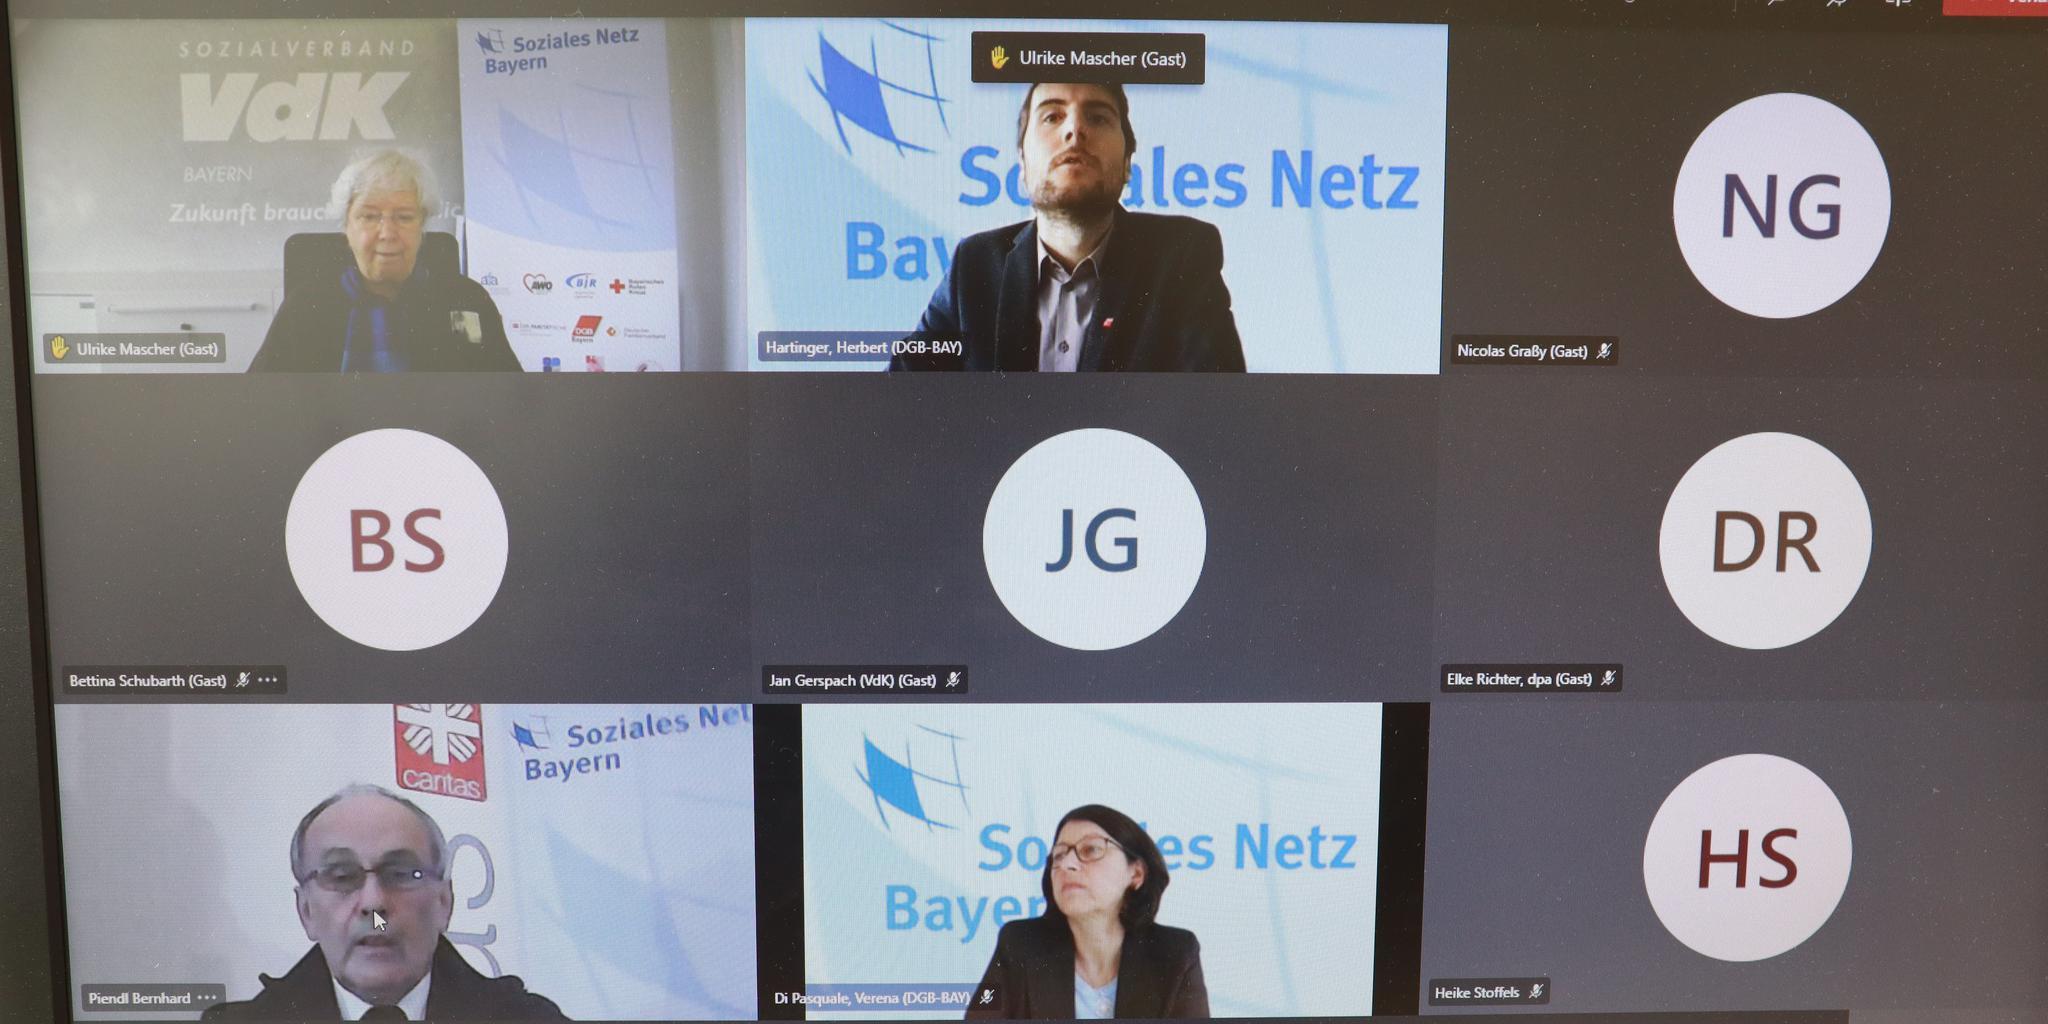 Online-Pressekonferenz des Sozialen Netz Bayern